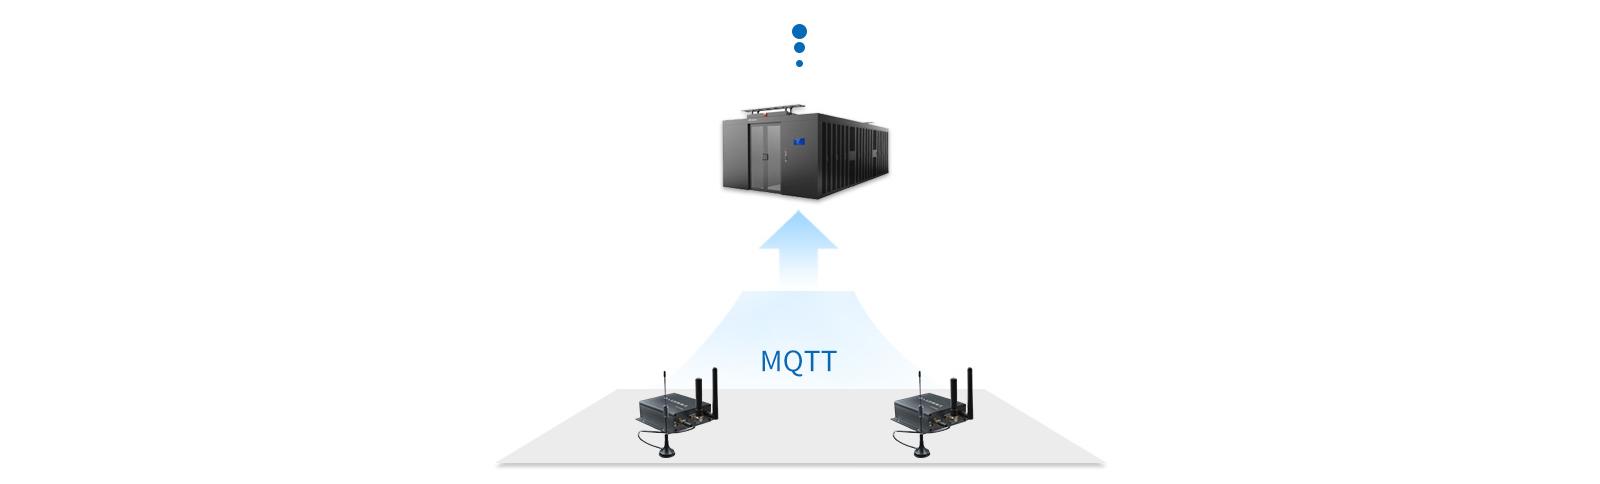 gong襠i?刂С謜u联网领域标准协议MQTT